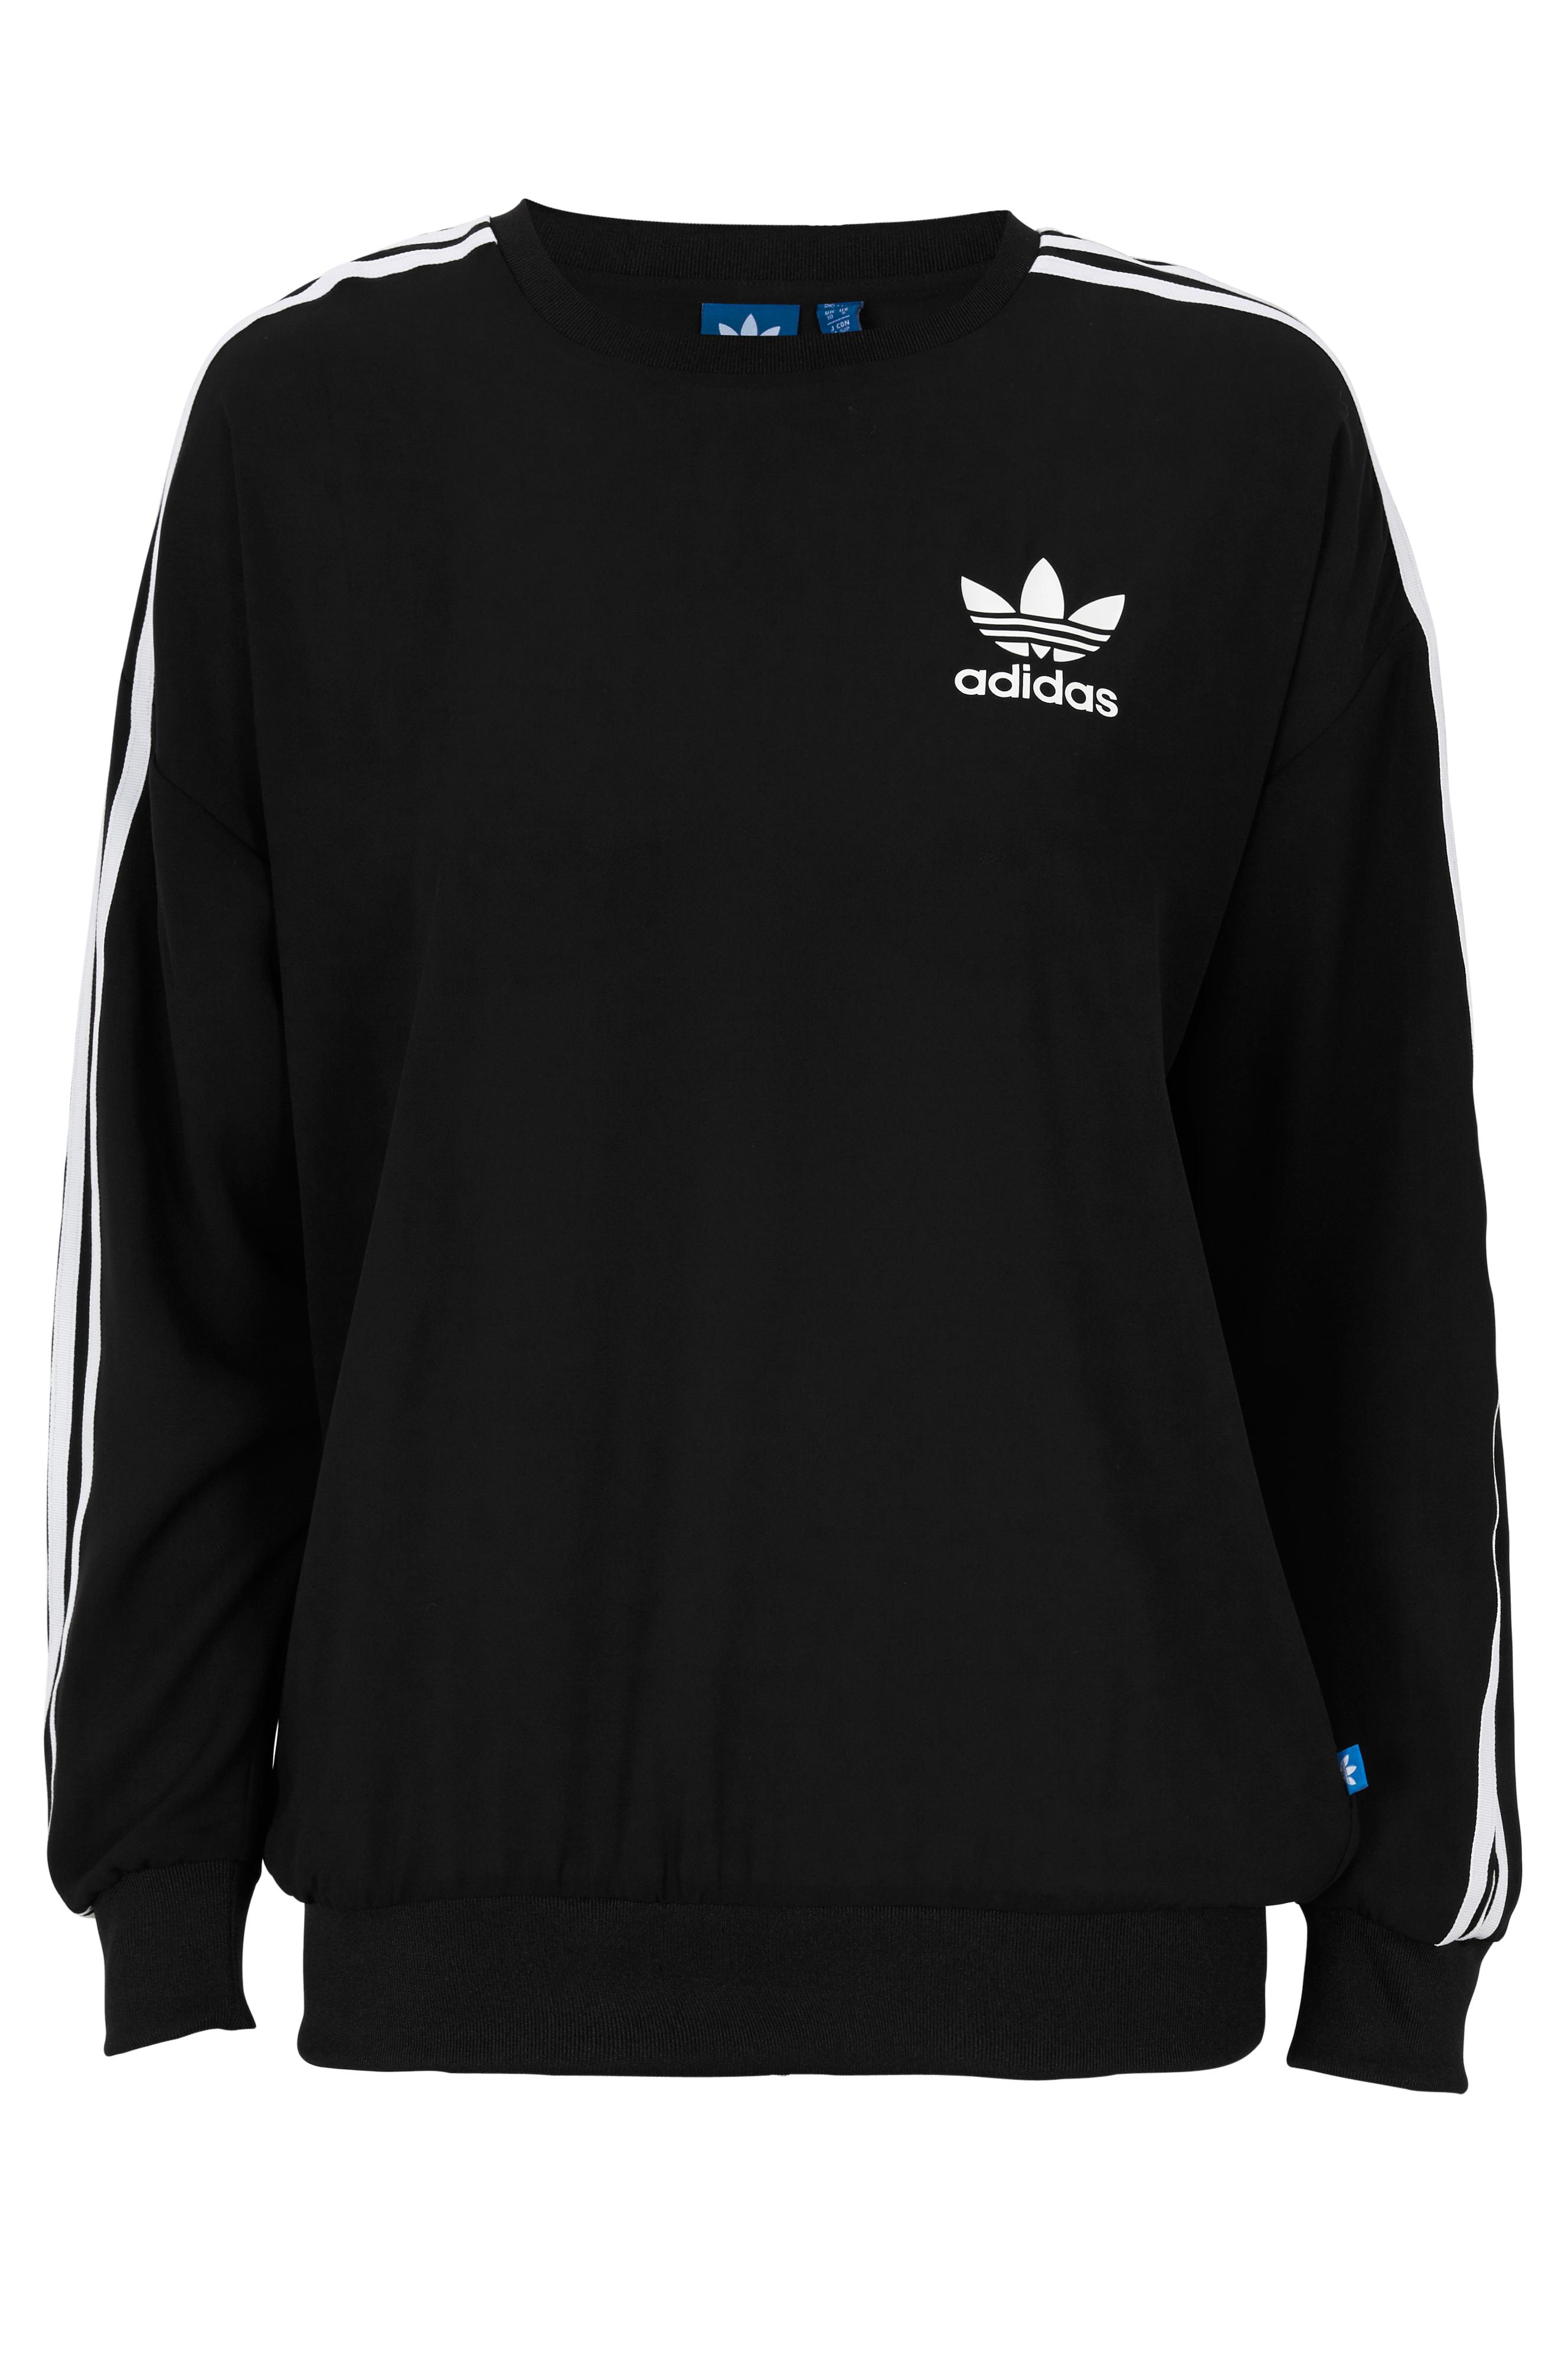 6d8740d5 adidas Originals Genser 3stripes Sweats - Svart - Dame - Ellos.no